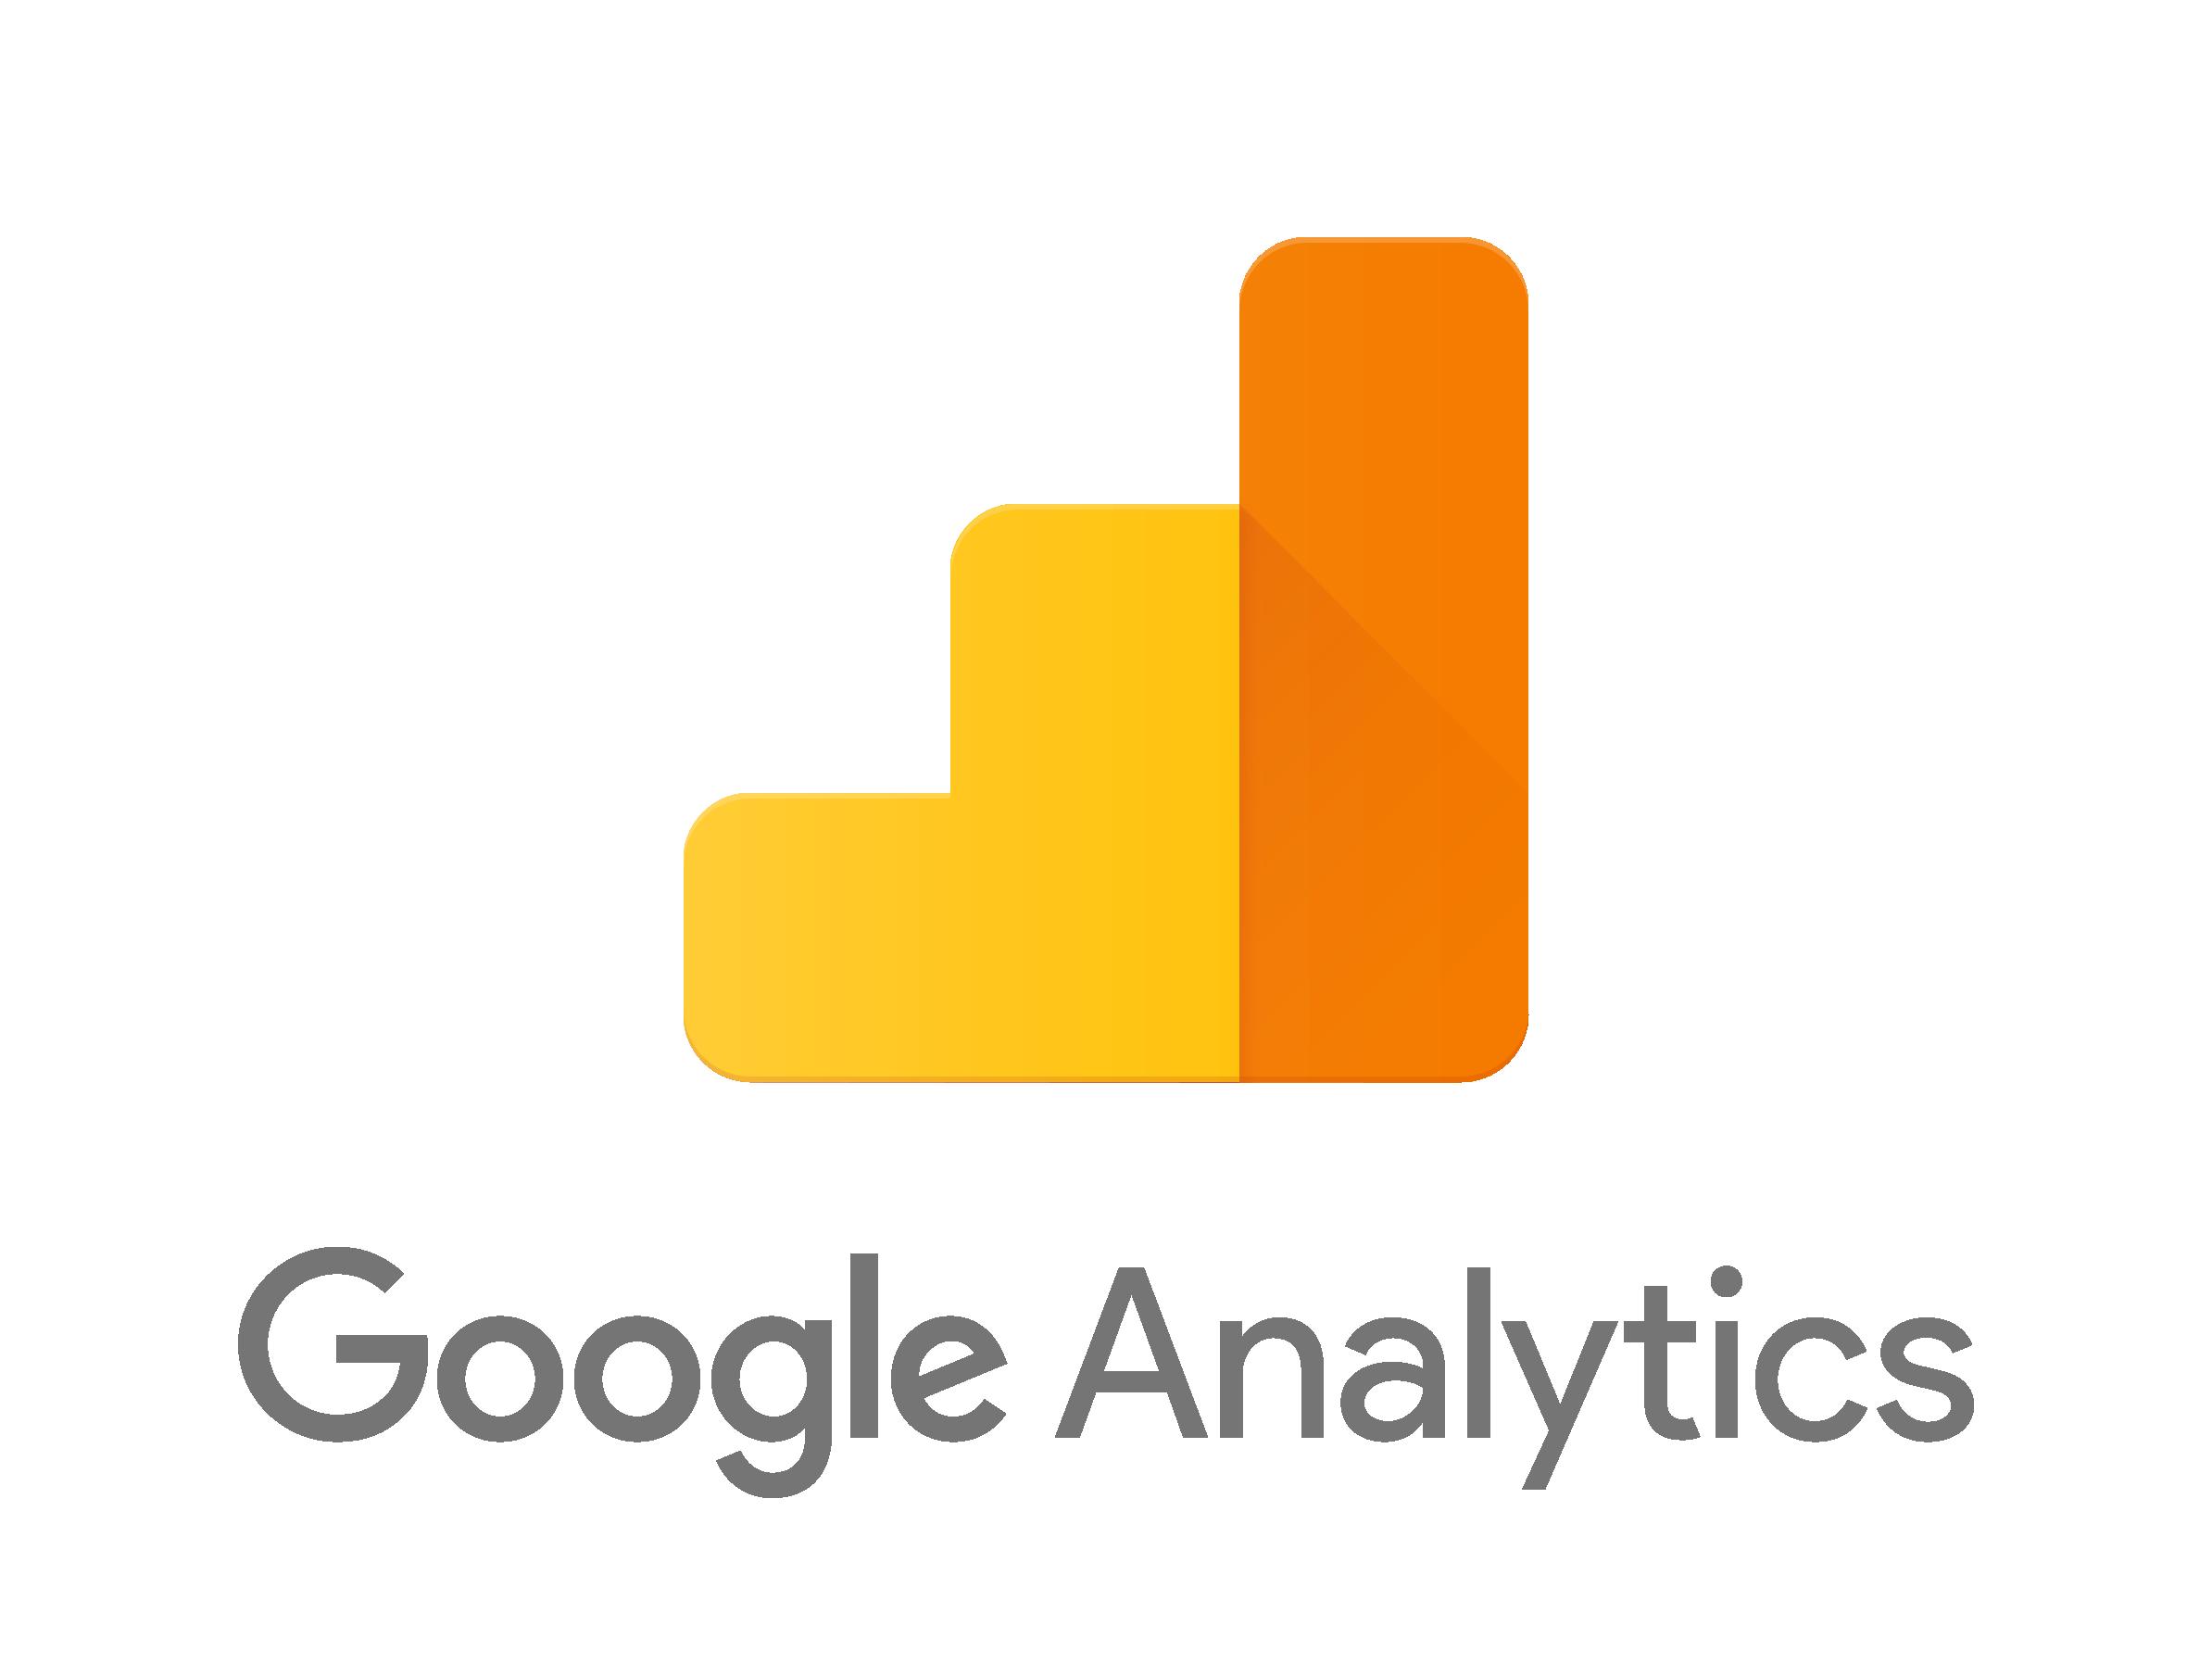 google analytics Inbound Marketing Tool